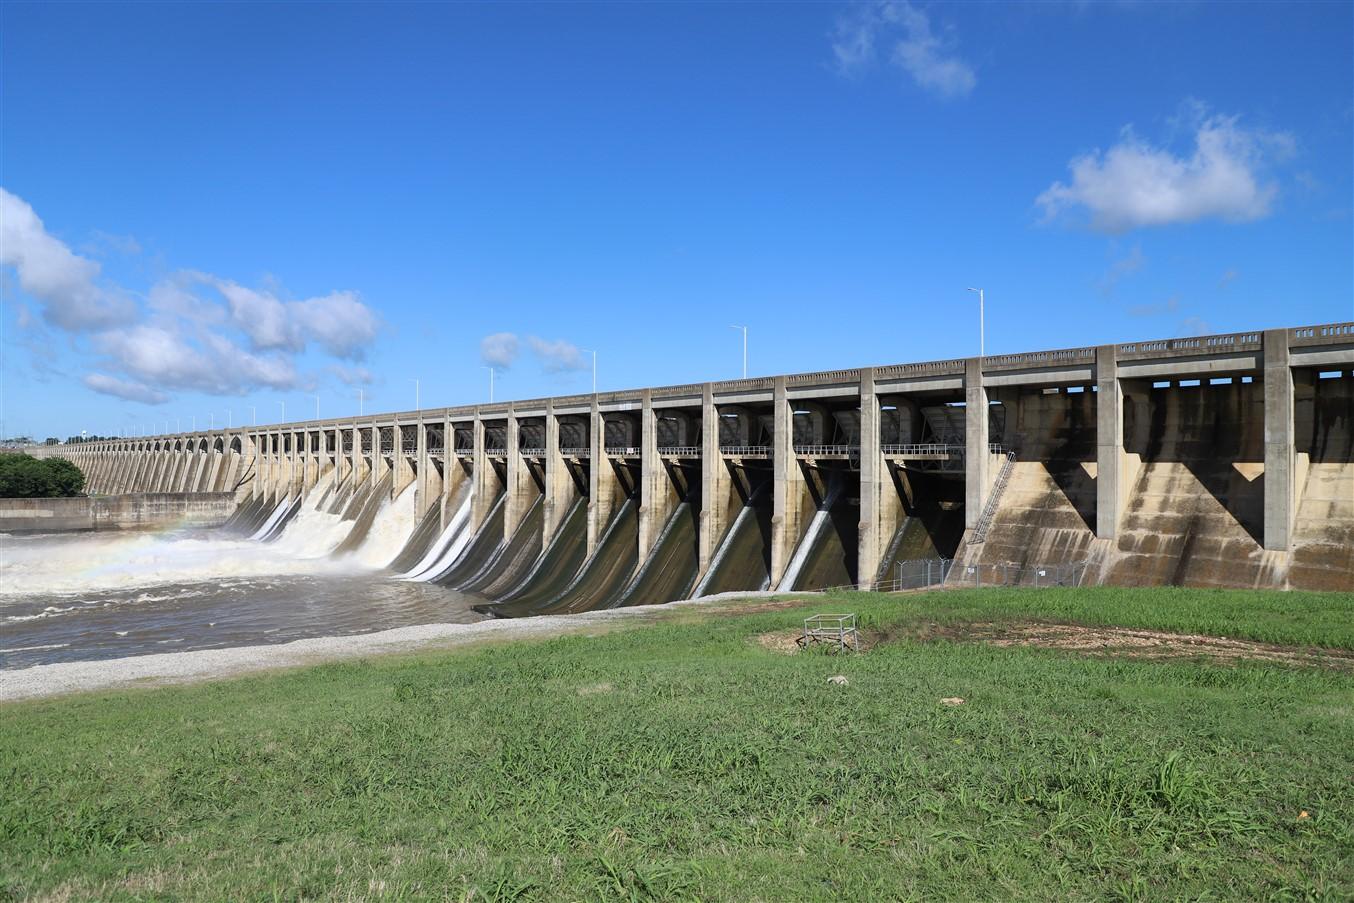 2019 05 30 17 Langley OK Pensaolca Dam